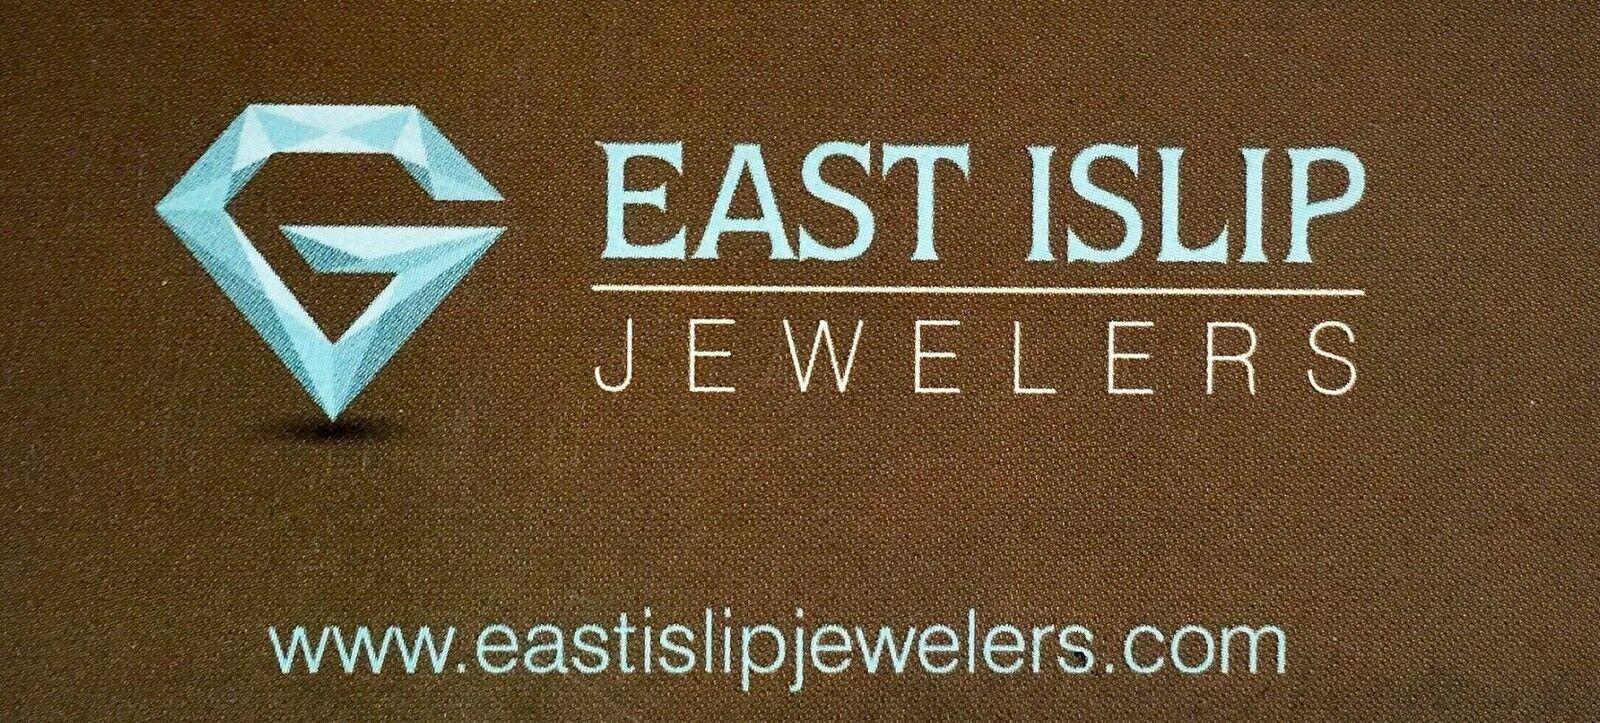 East Islip Jewelers